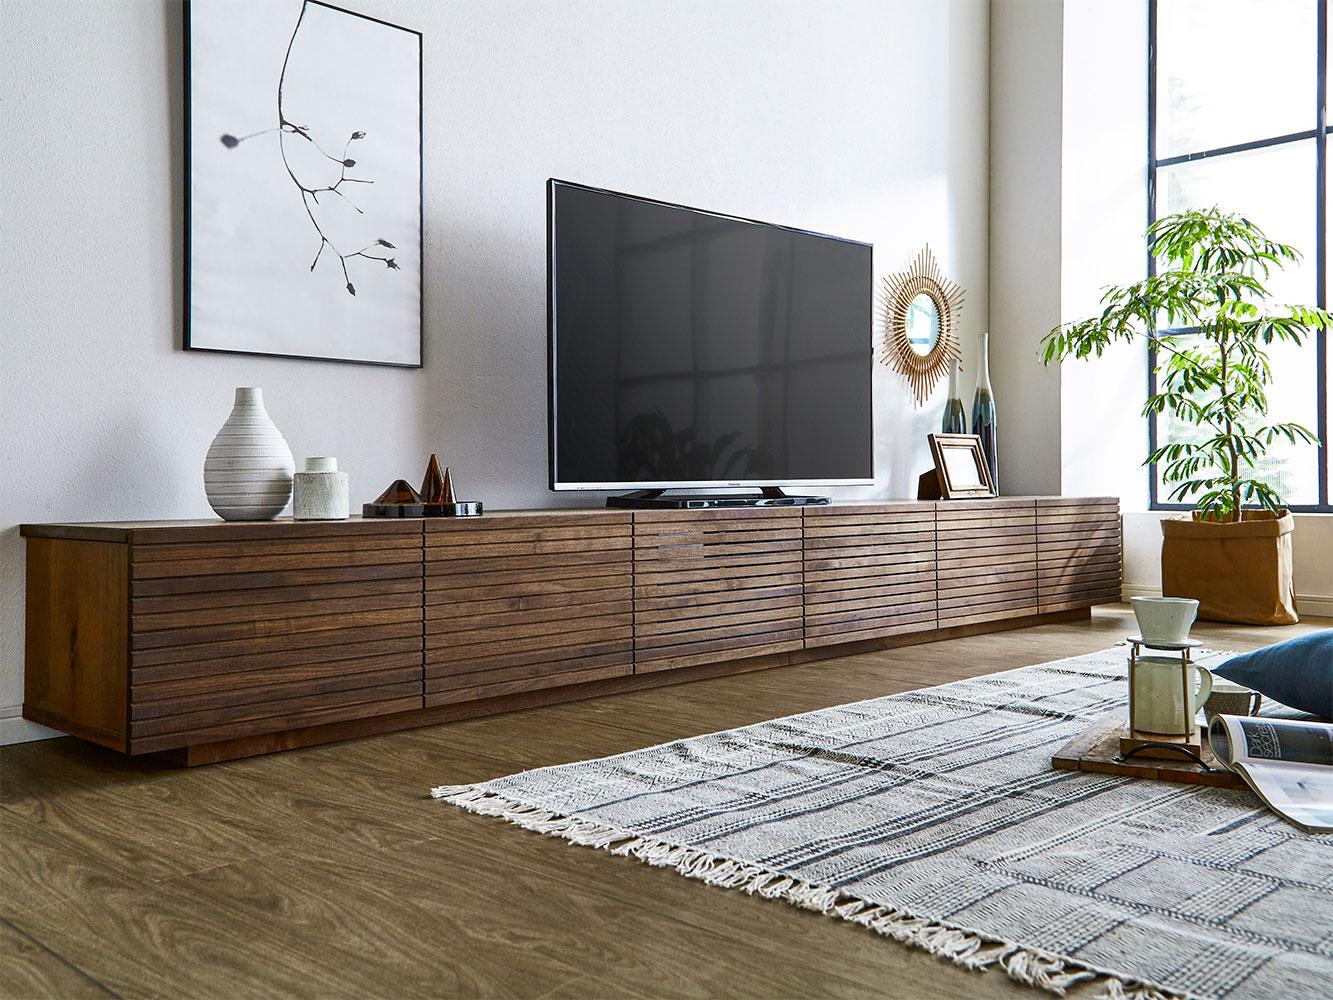 EL141_ 風雅  無垢材テレビボード  テレビ台  W3000【開梱設置付き】ウォールナット  スリット[SK141]